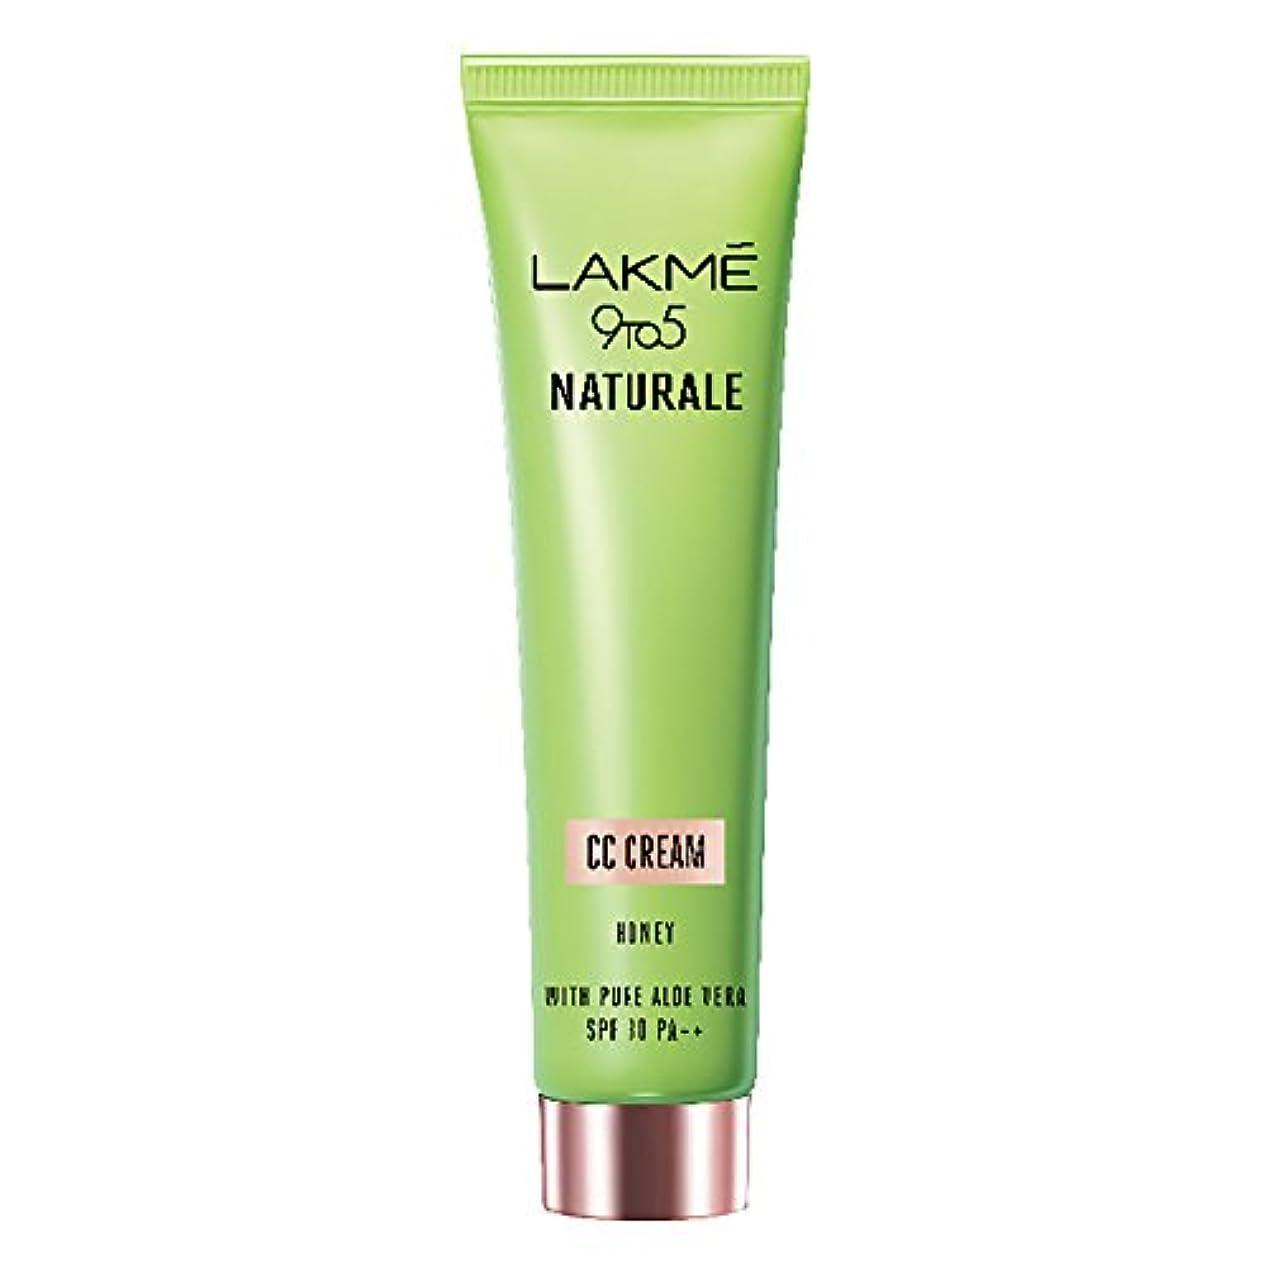 果てしない富豪謎めいたLakme 9 to 5 Naturale CC Cream, Honey, 30g